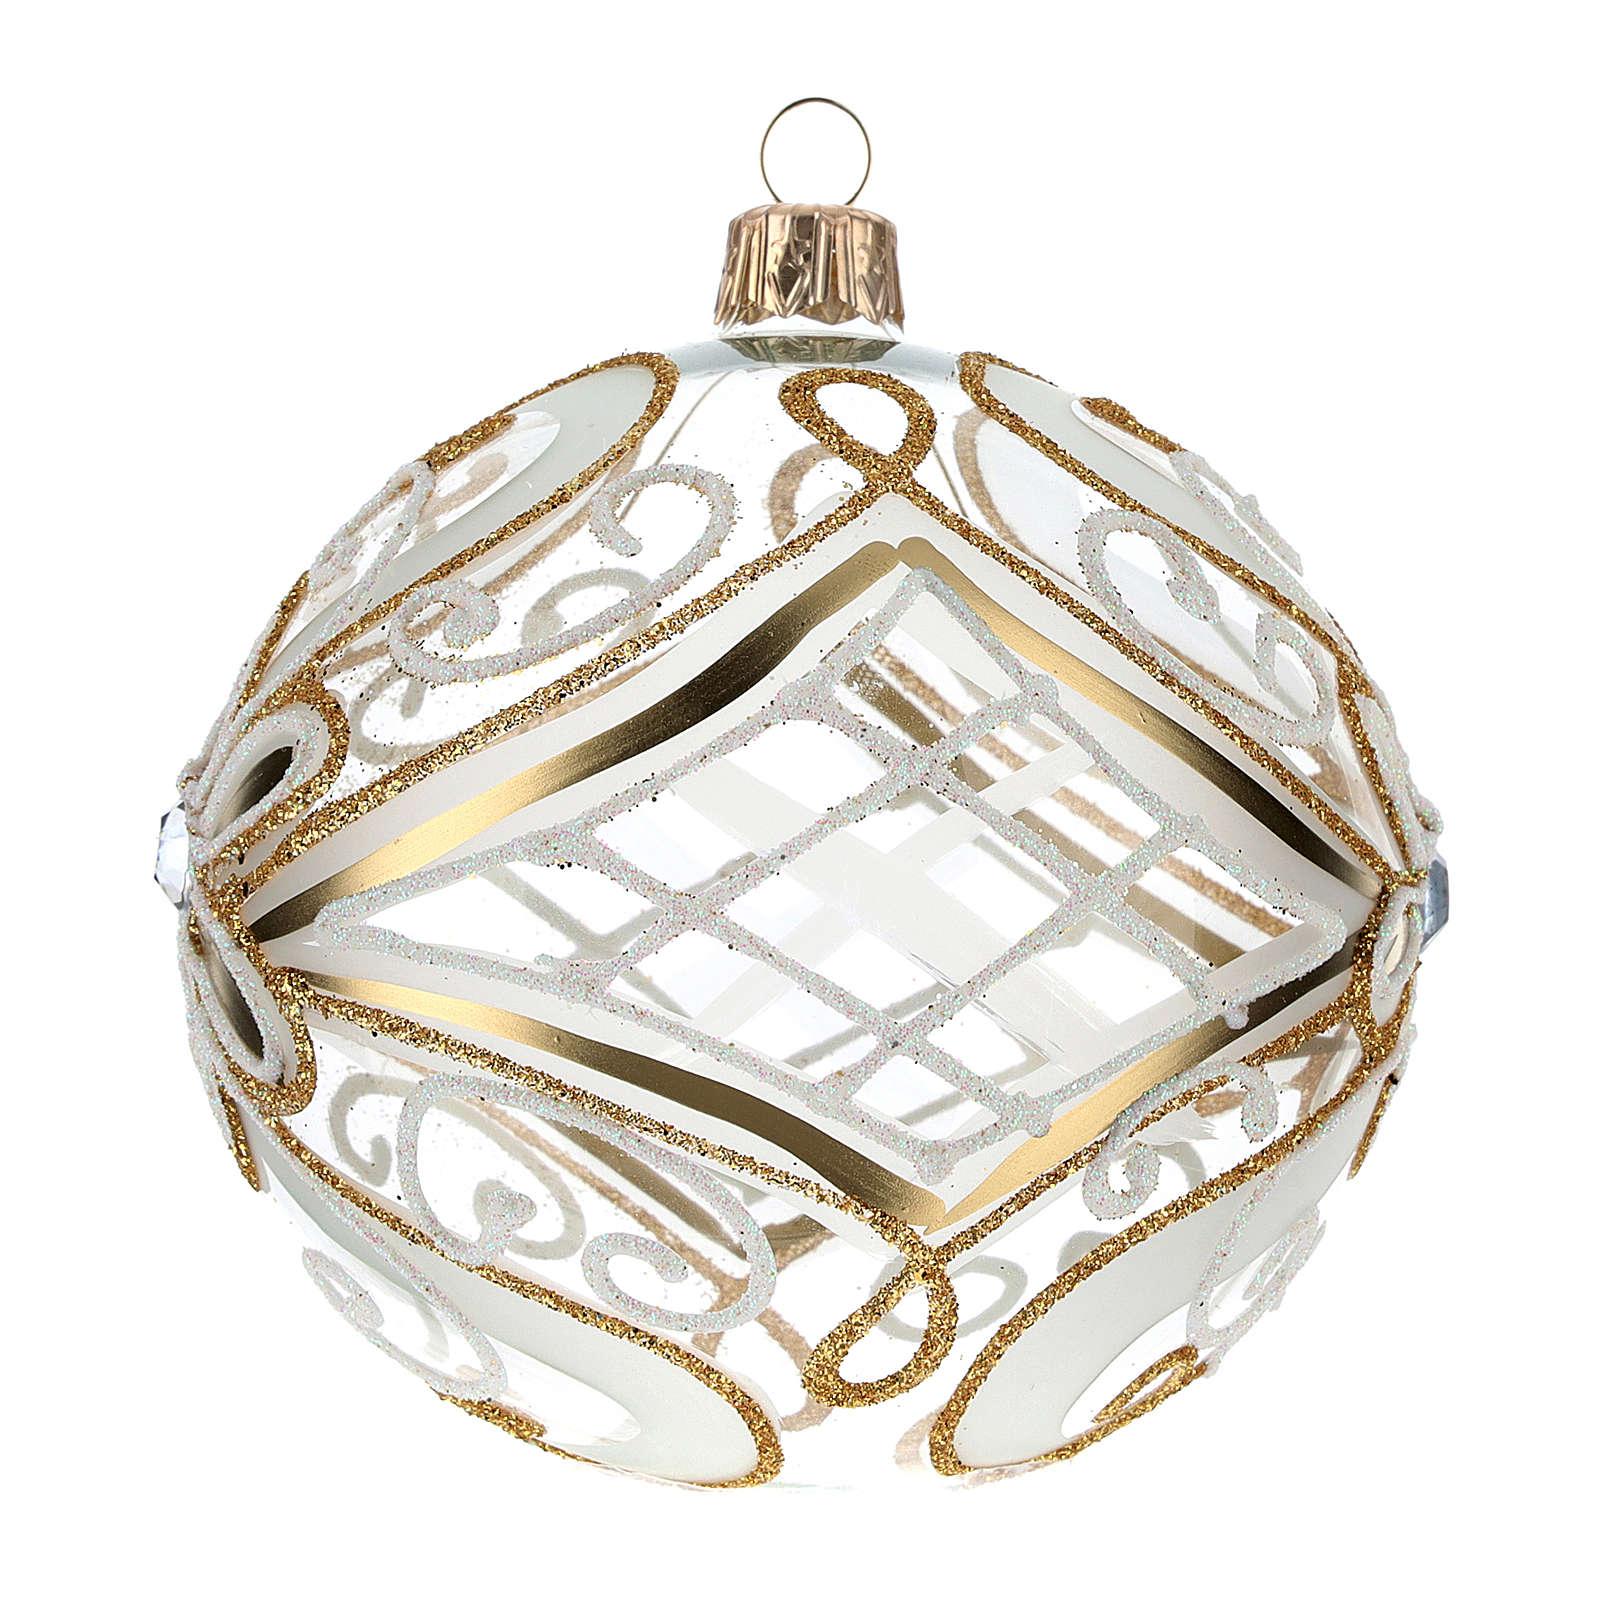 Bombka bożonarodzeniowa  przezroczysta z dekoracjami  białymi i złotymi 100mm 4